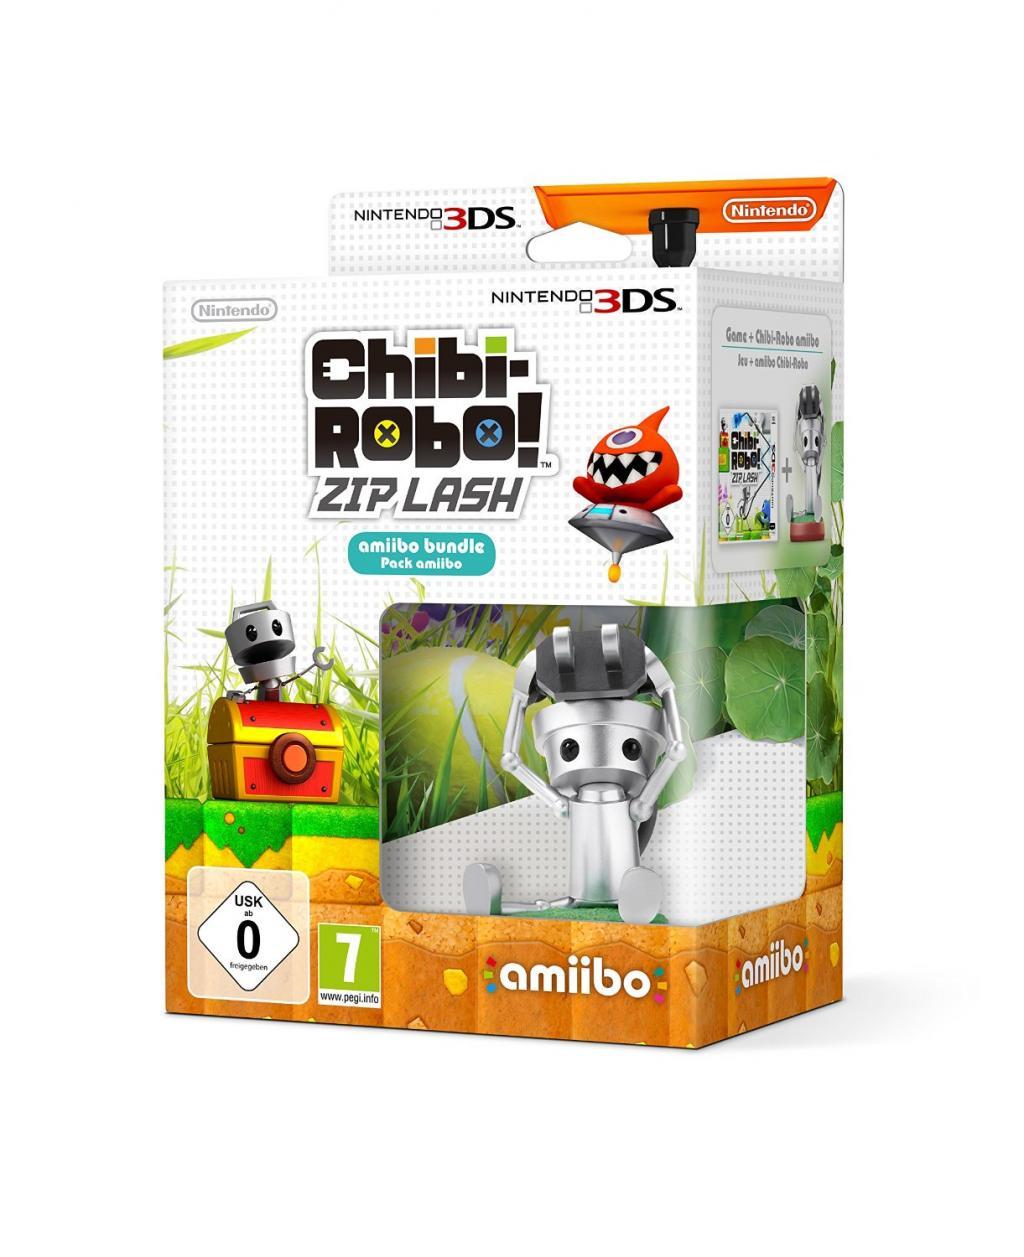 Chibi Robo Lash + Amiibo_1